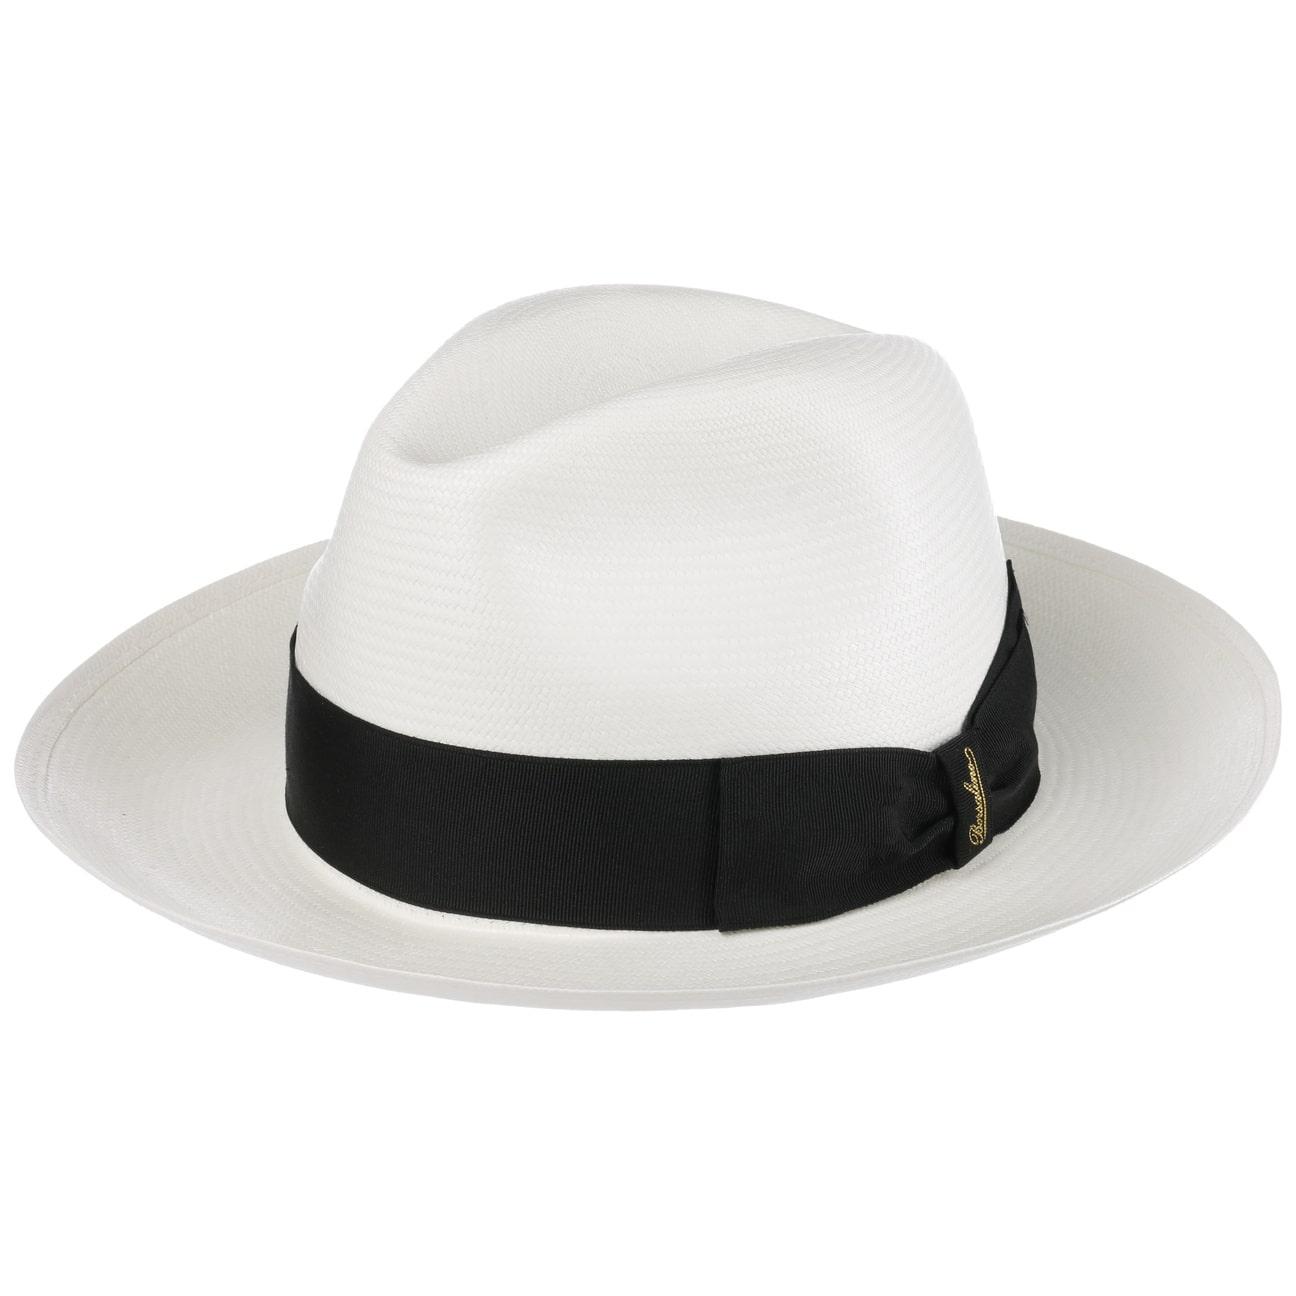 Sombrero Panam? Big Brim by Borsalino  sombrero